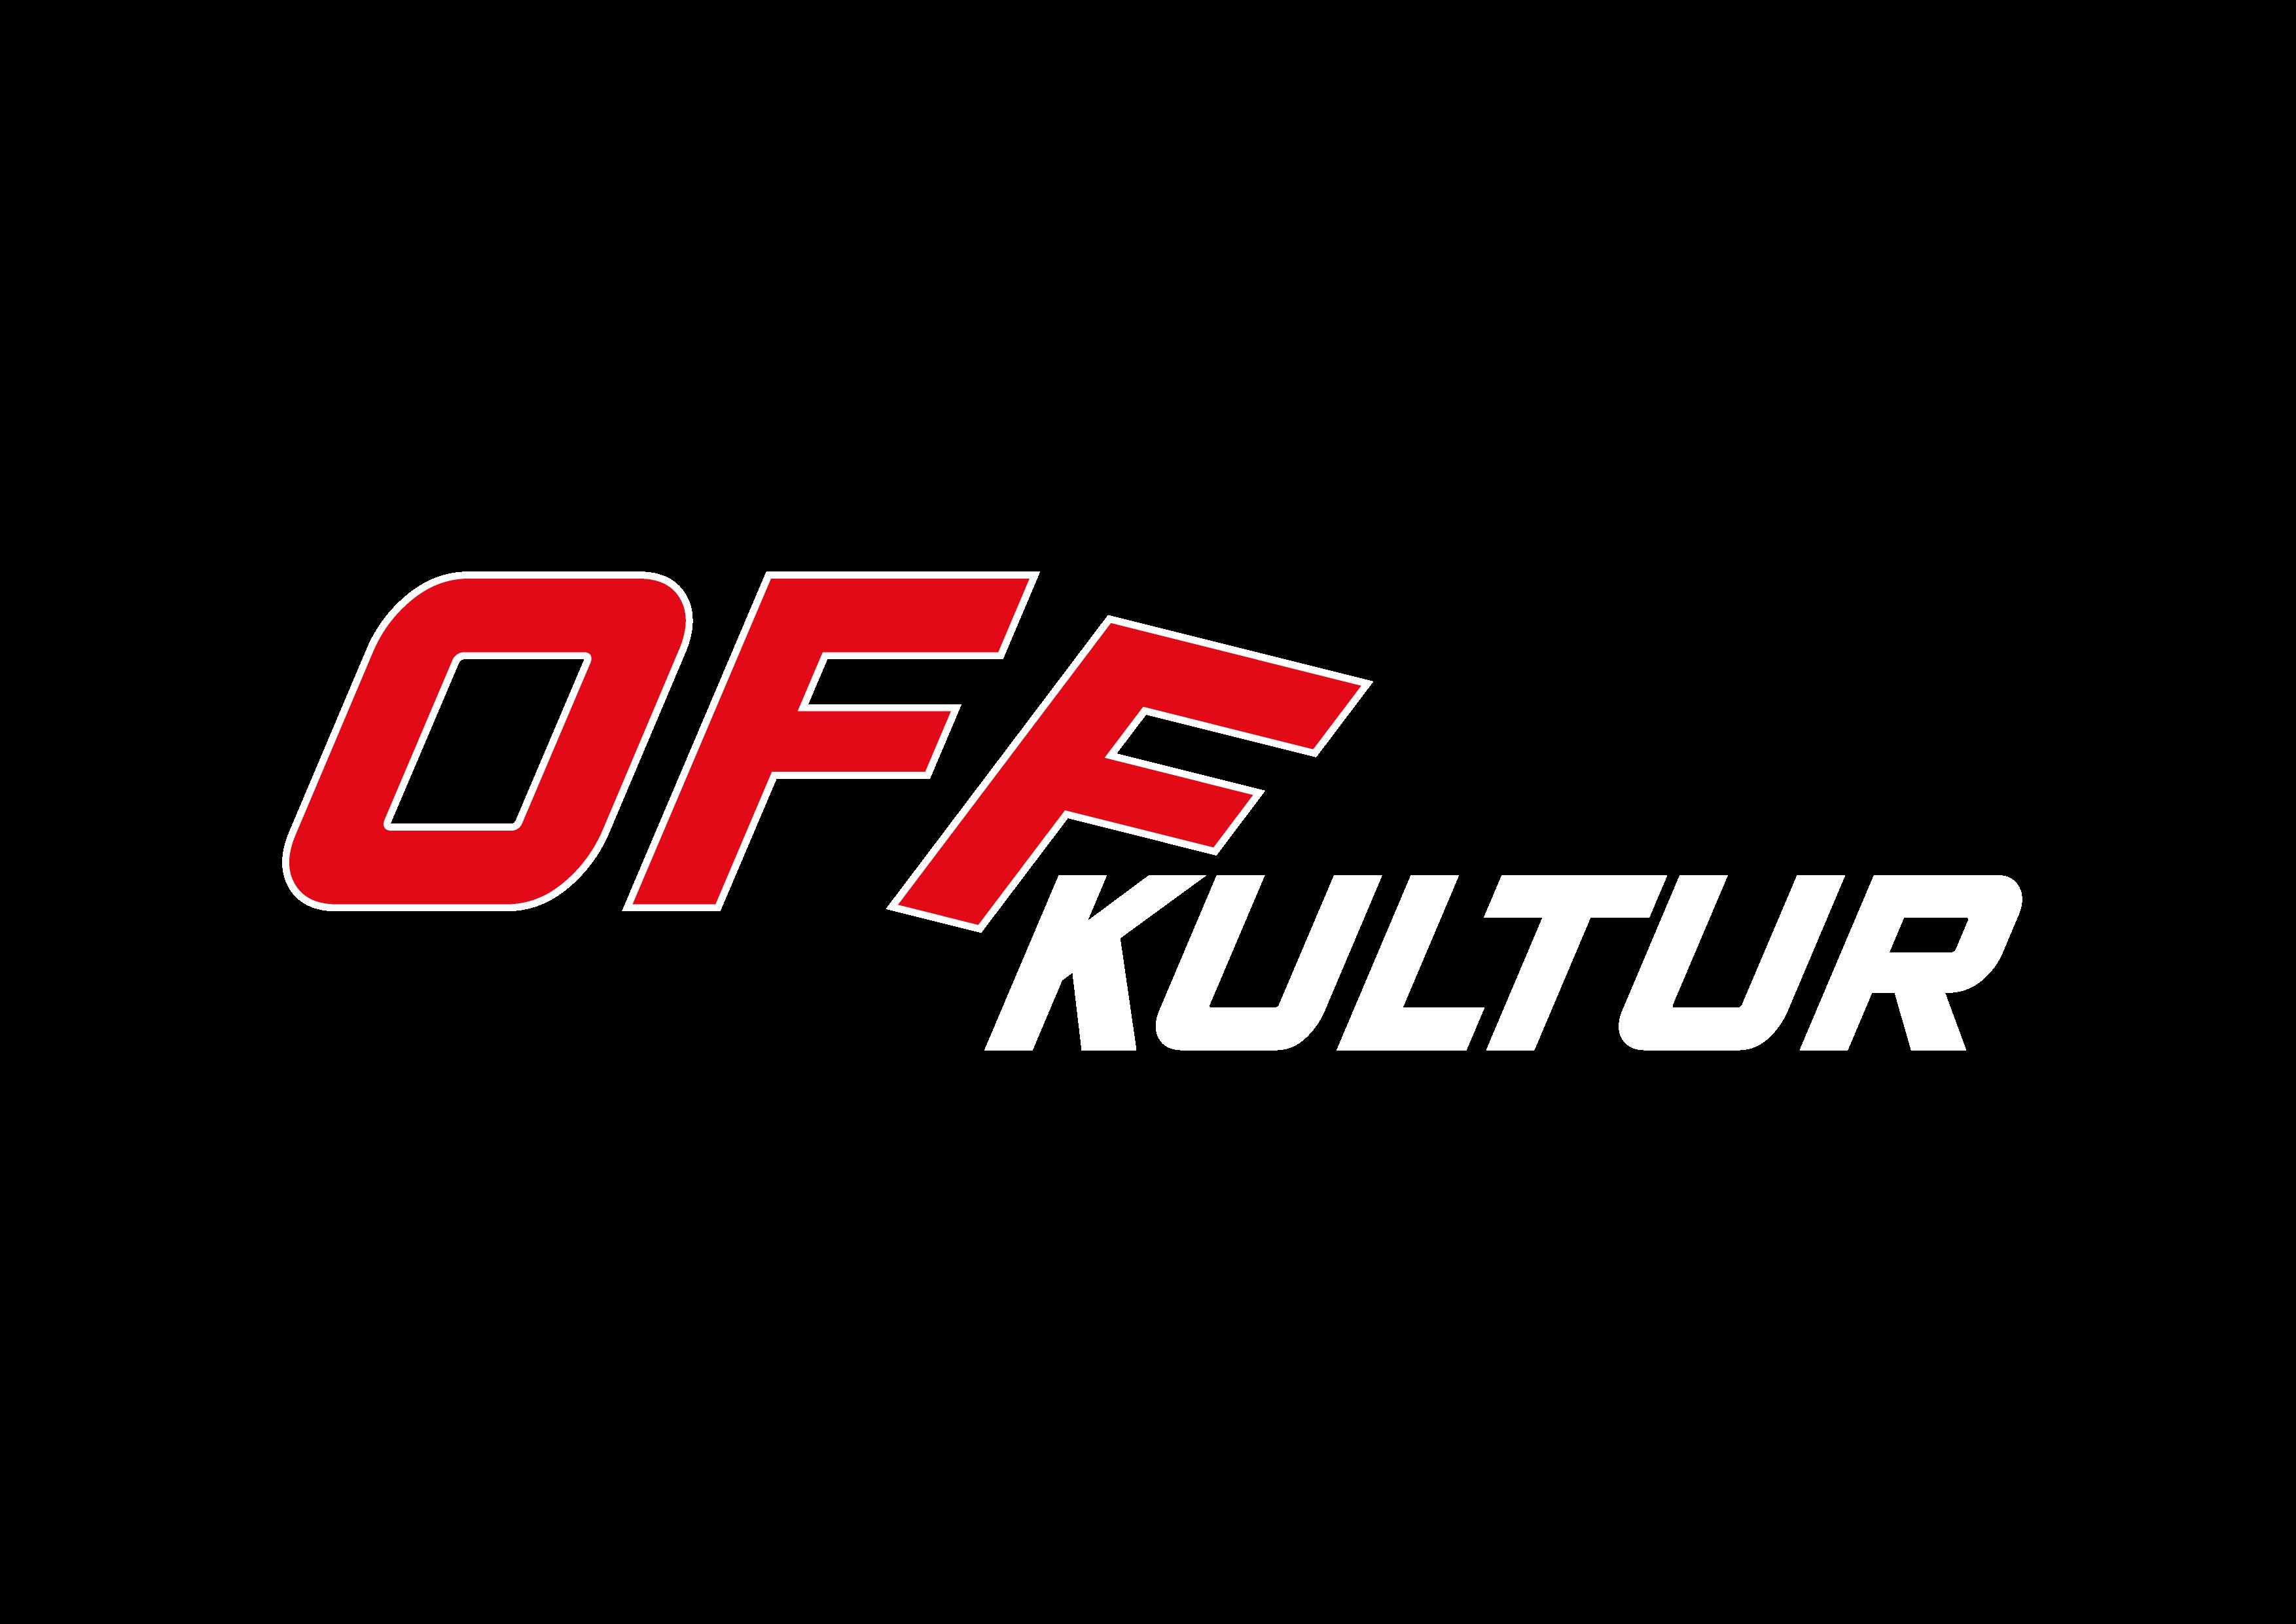 Offkultur